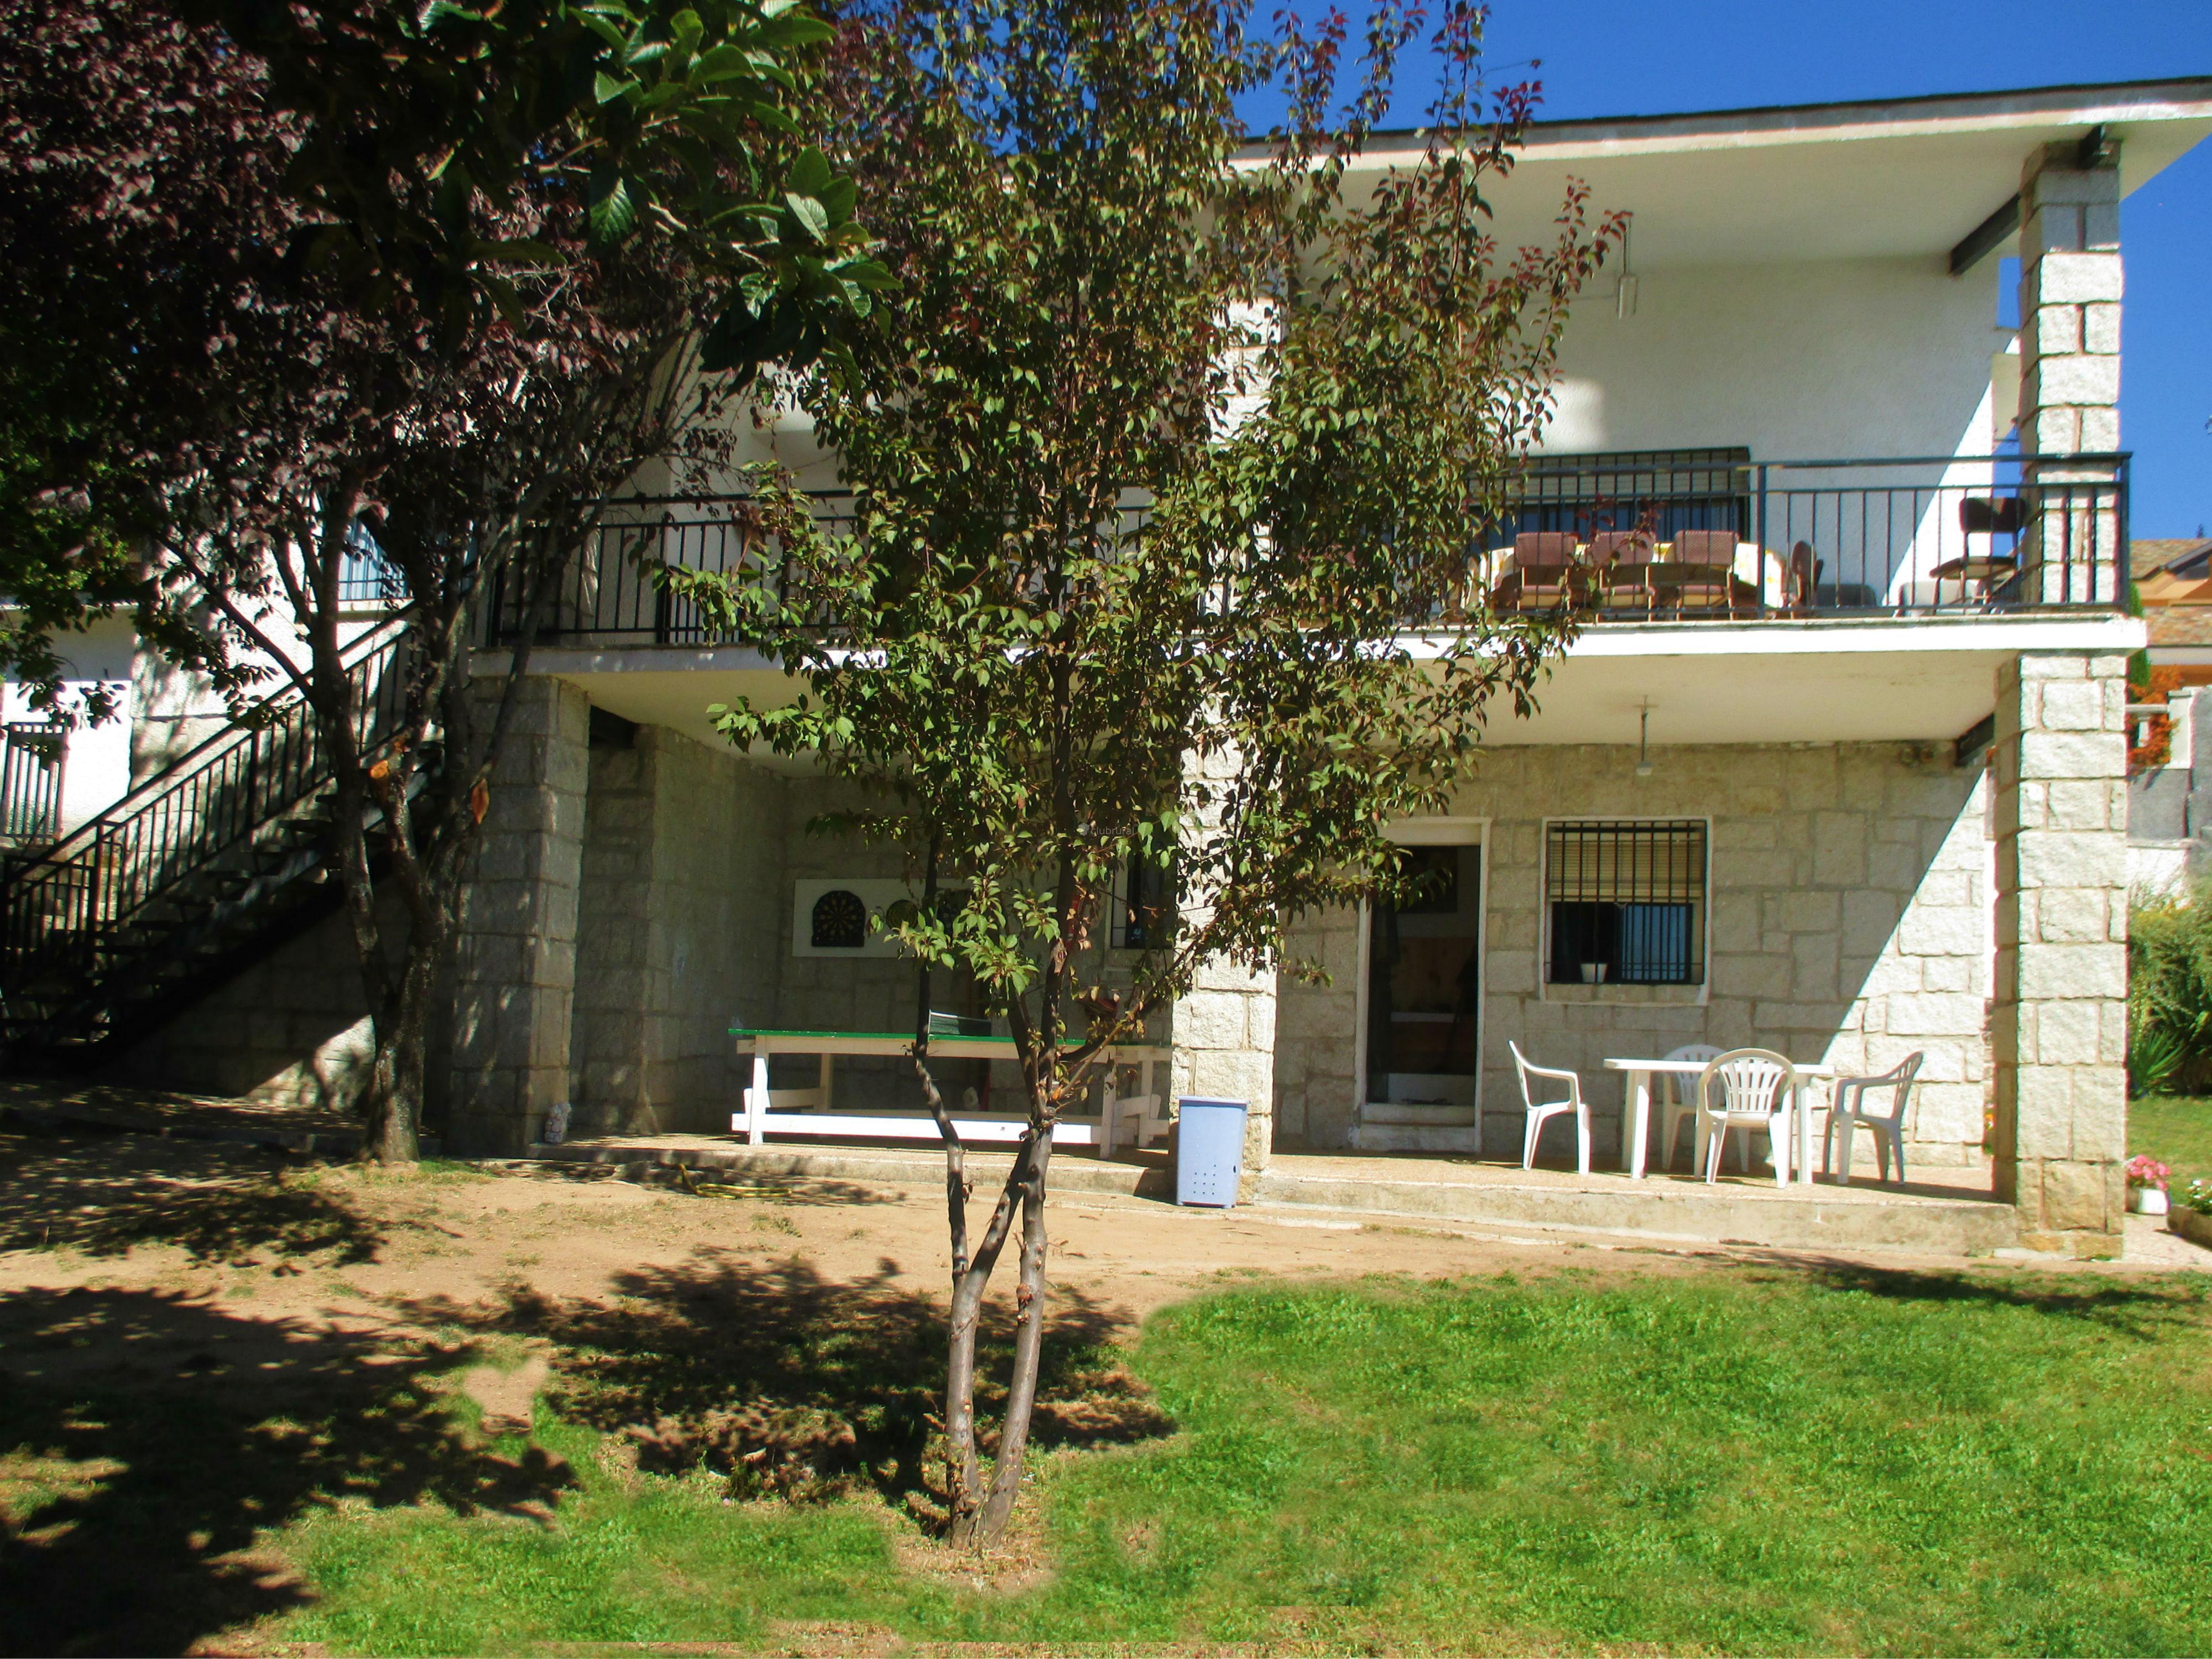 Fotos de casa cantagallos madrid miraflores de la sierra clubrural - Casa rural con perro madrid ...